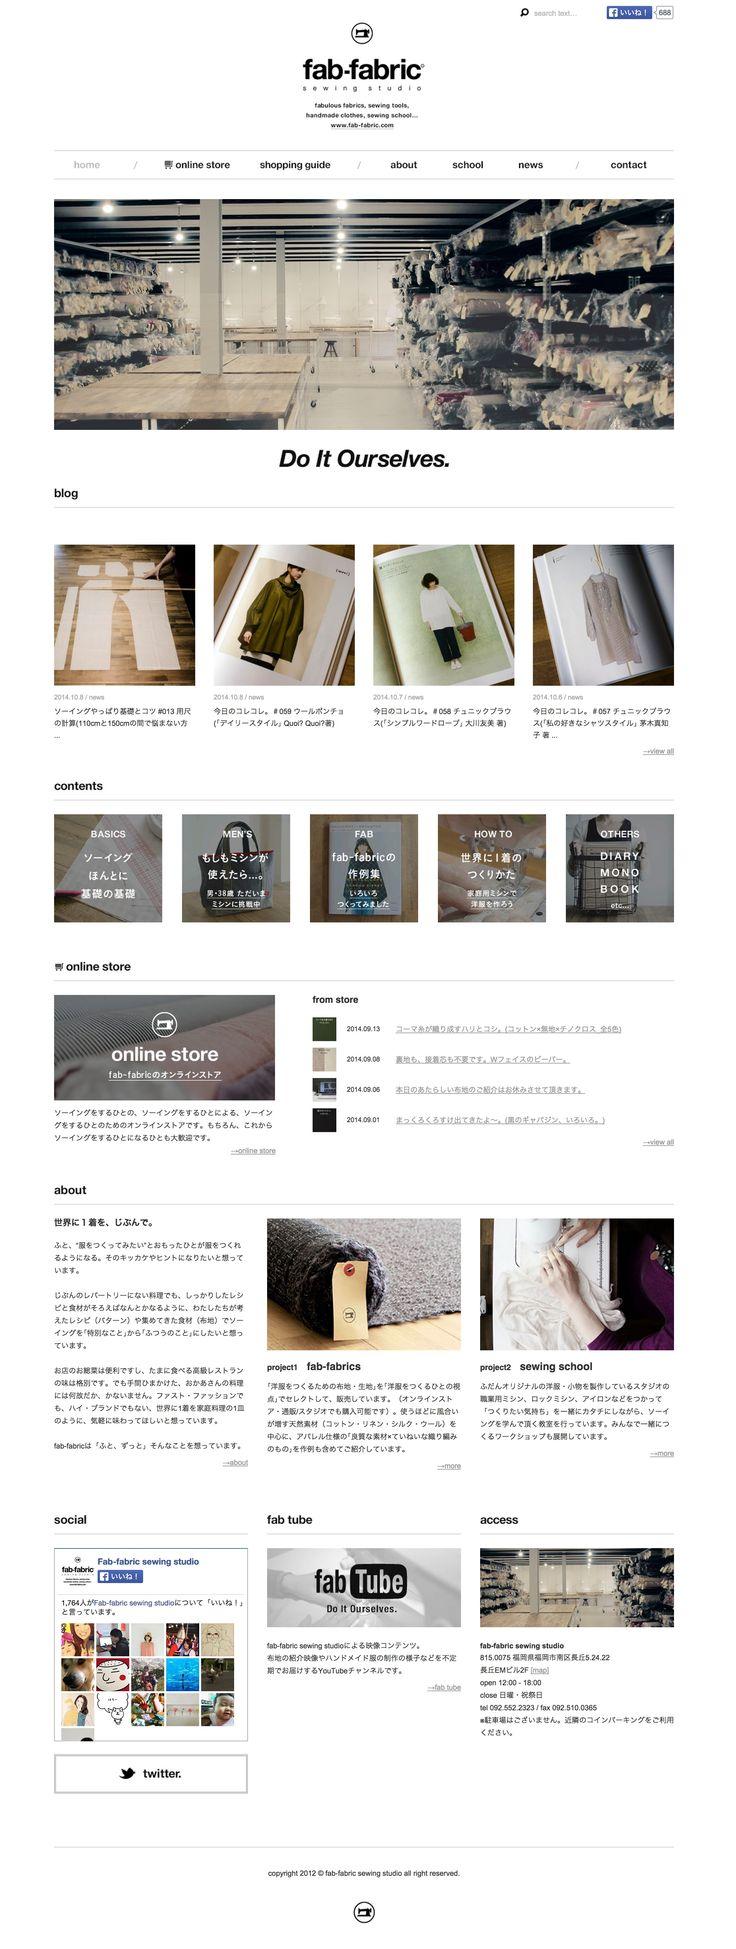 fab-fabric sewing studio | 布地のオンライン通販とソーイングスクール